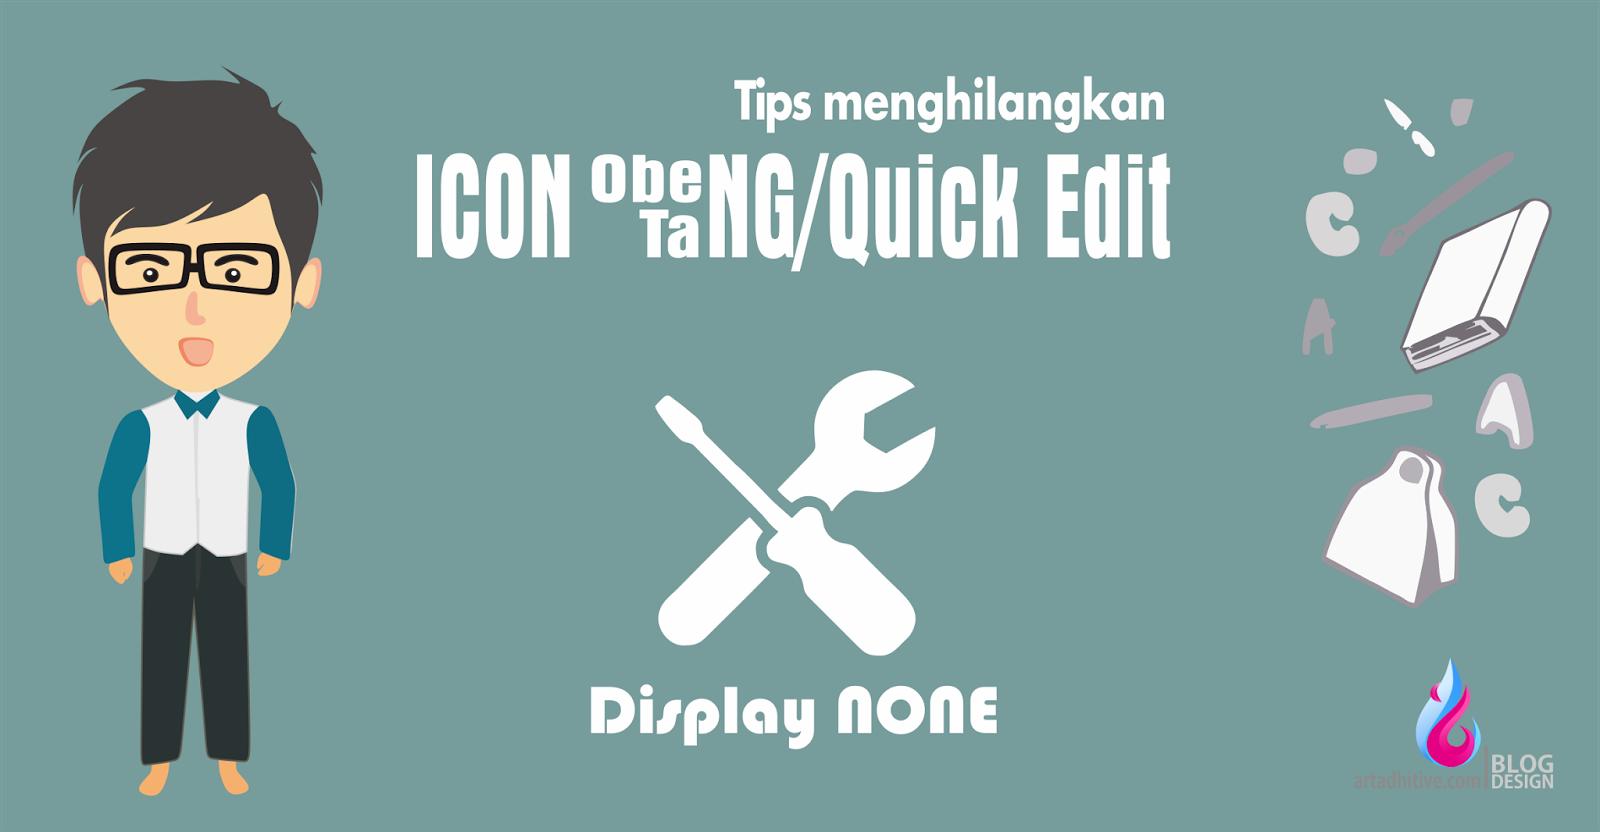 Menghilangkan Icon Obeng dan Tang Pada Elemen Blog